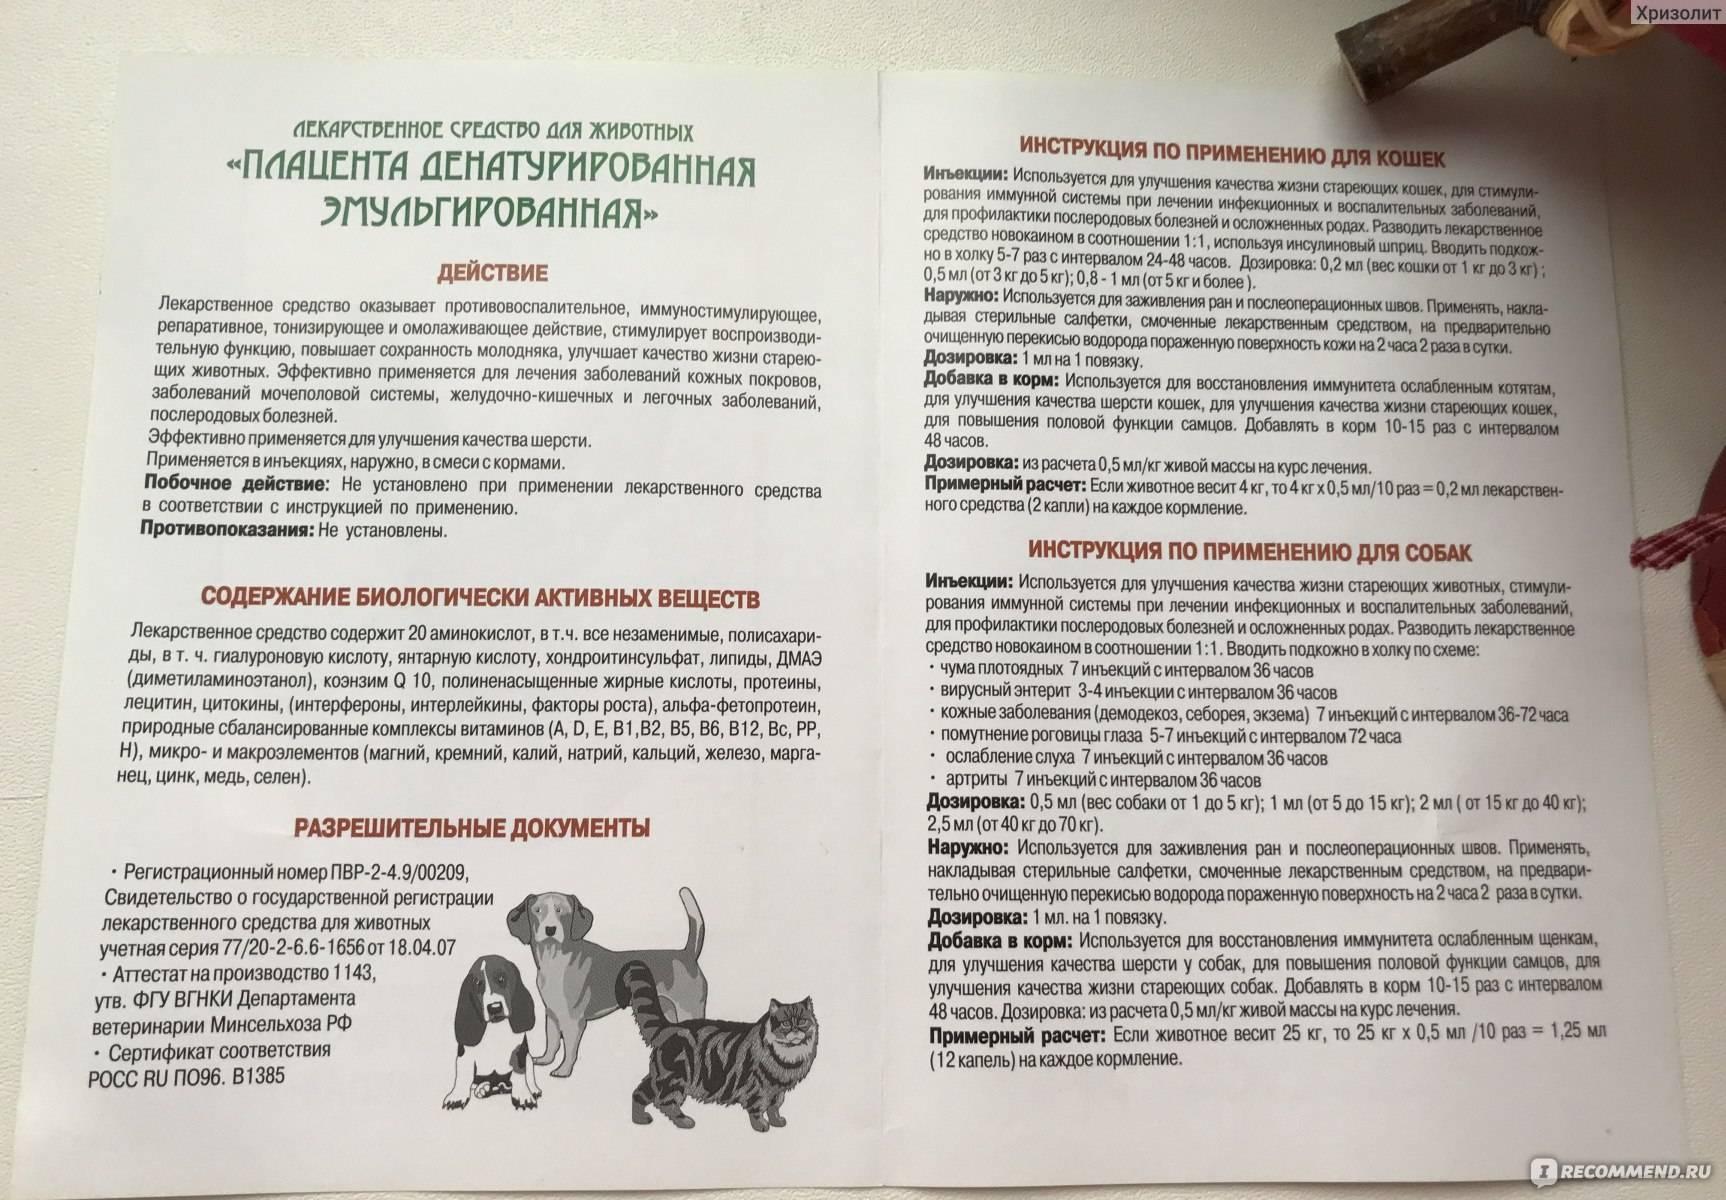 Ронколейкин для кошек: показания и инструкция по применению, отзывы, цена